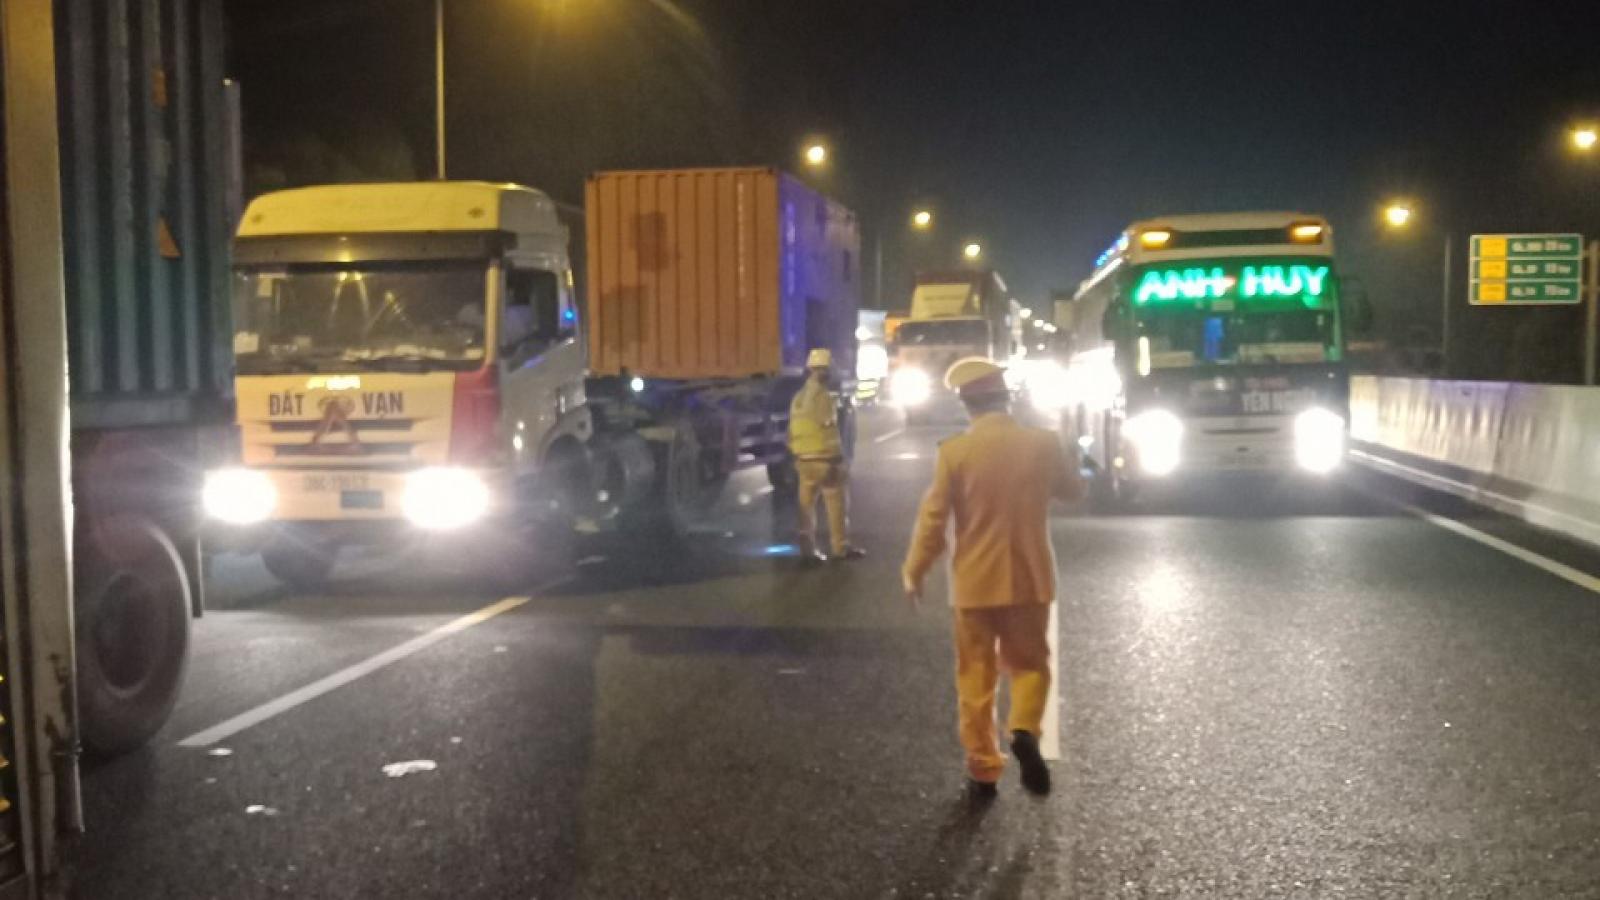 Ùn tắc kéo dài nhiều km trên cao tốc Hà Nội - Hải Phòng